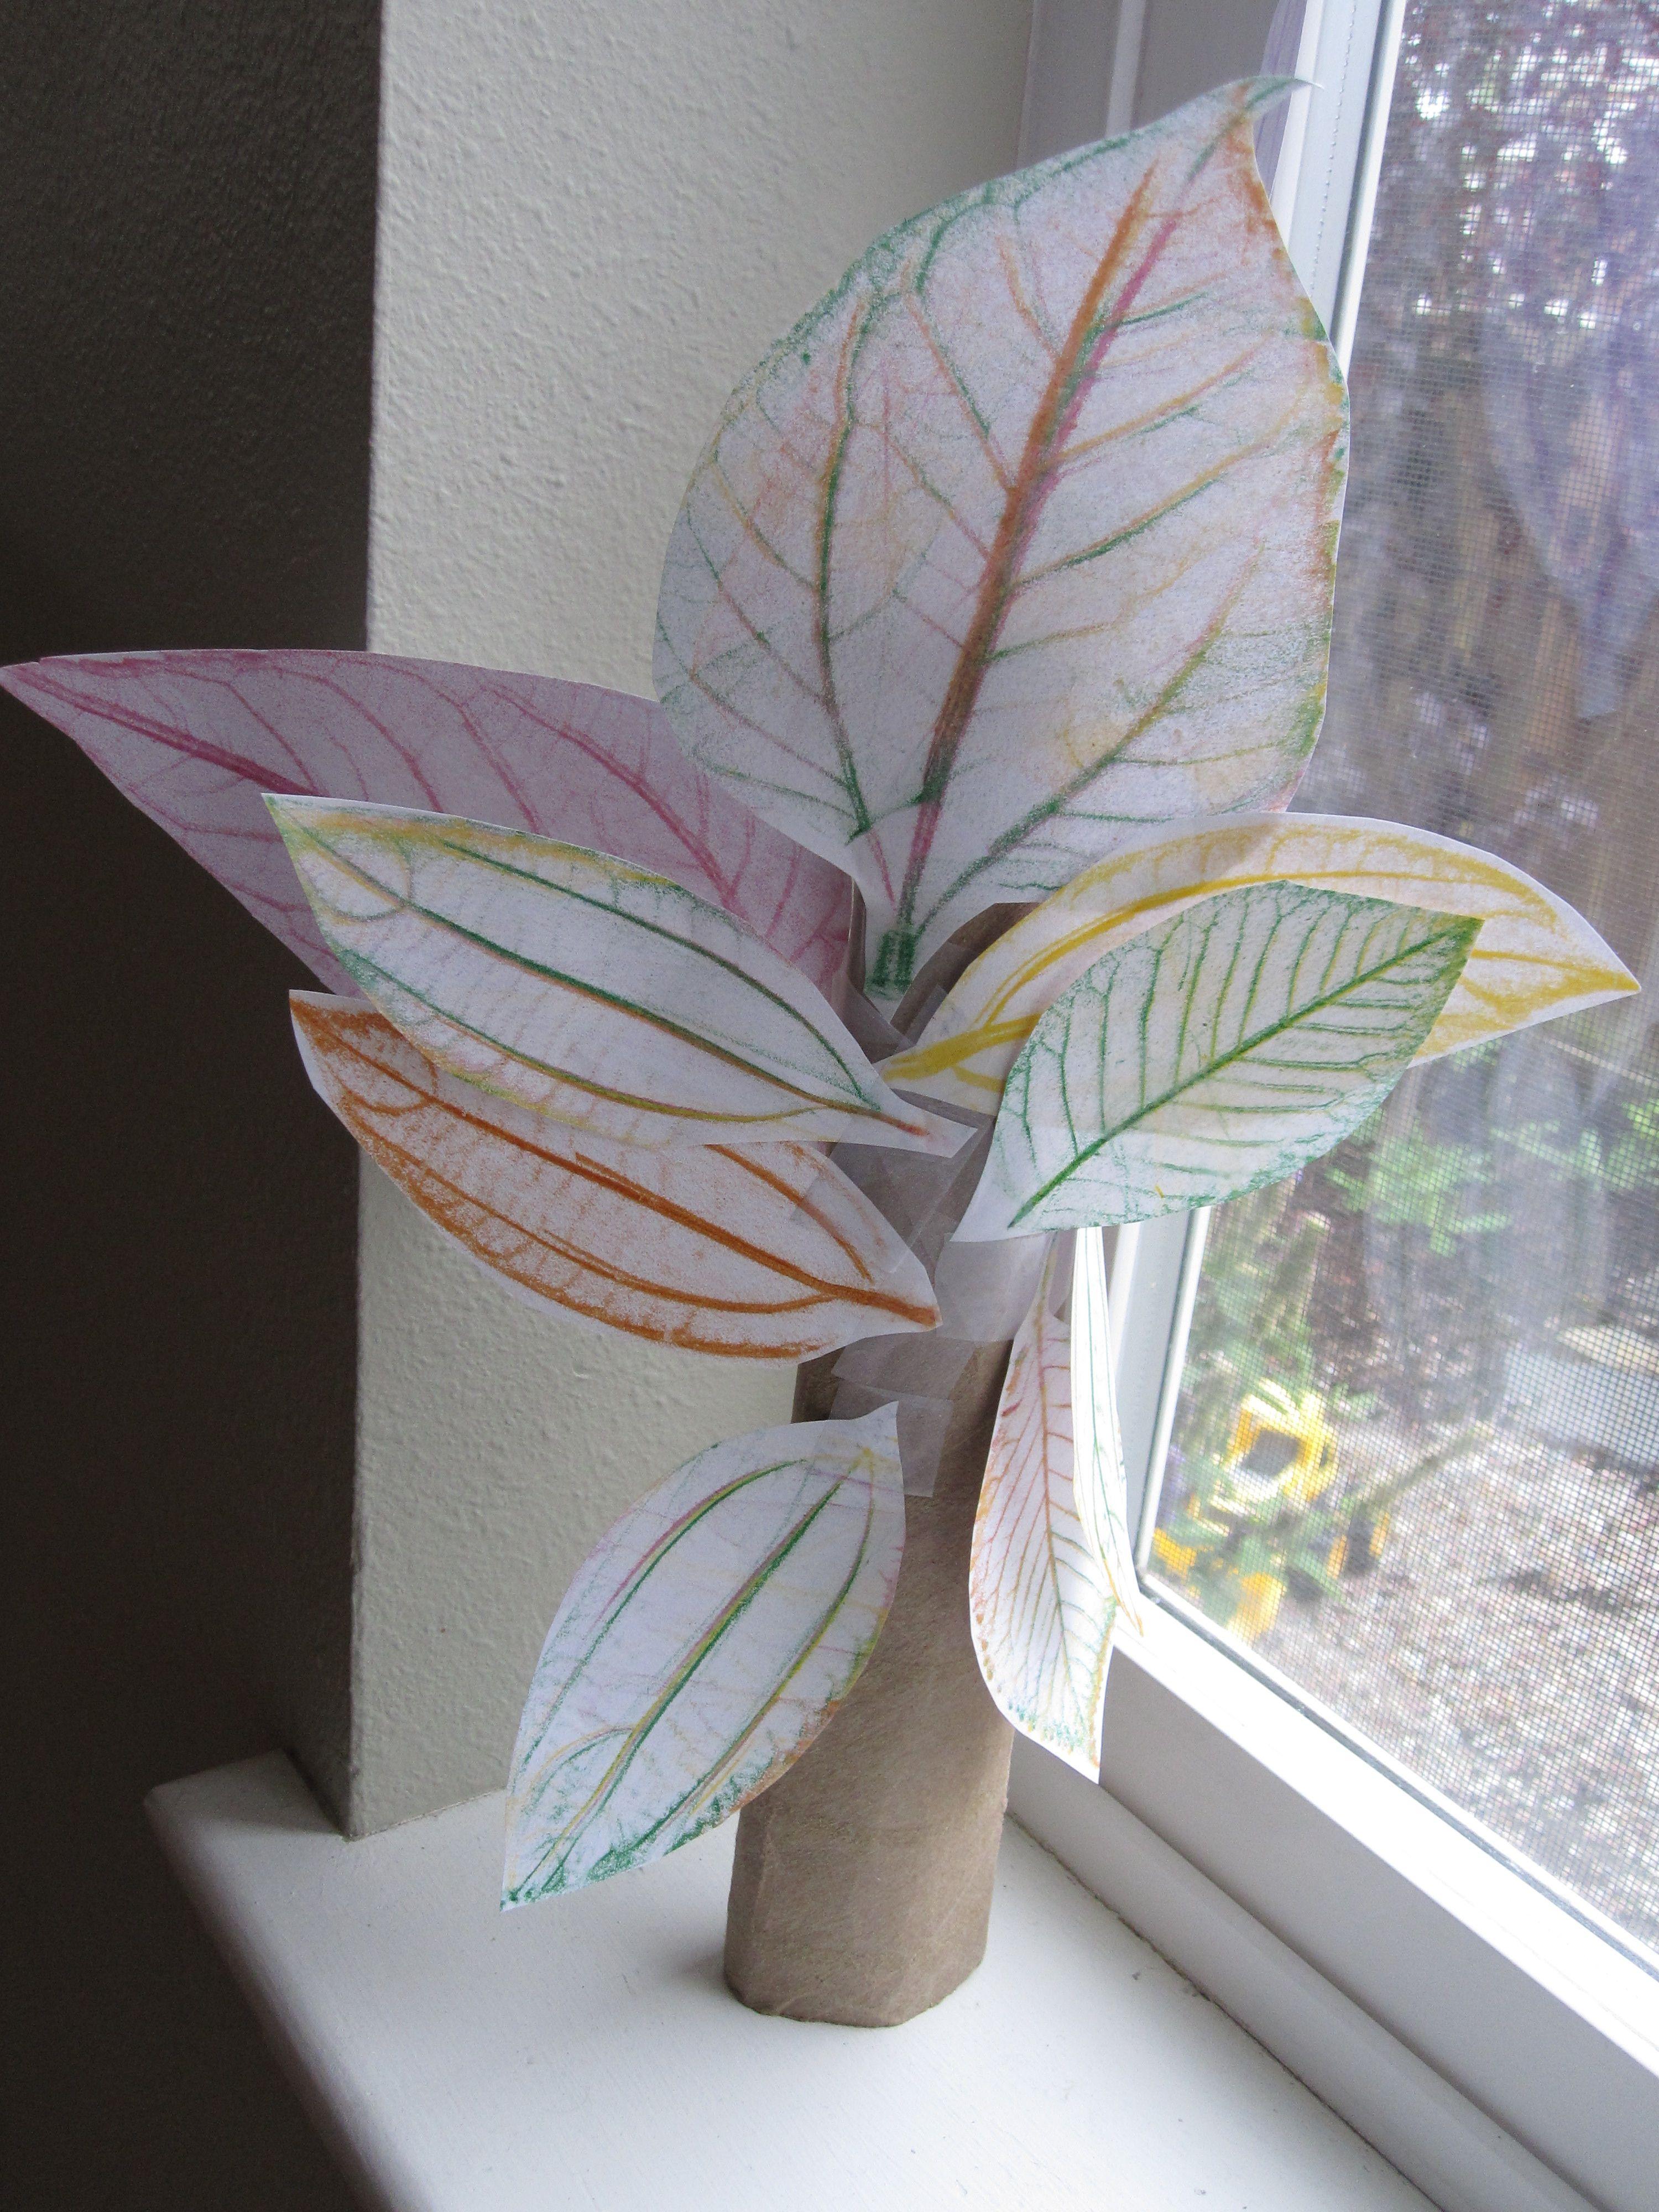 Leaf Rubbing Tree Craft